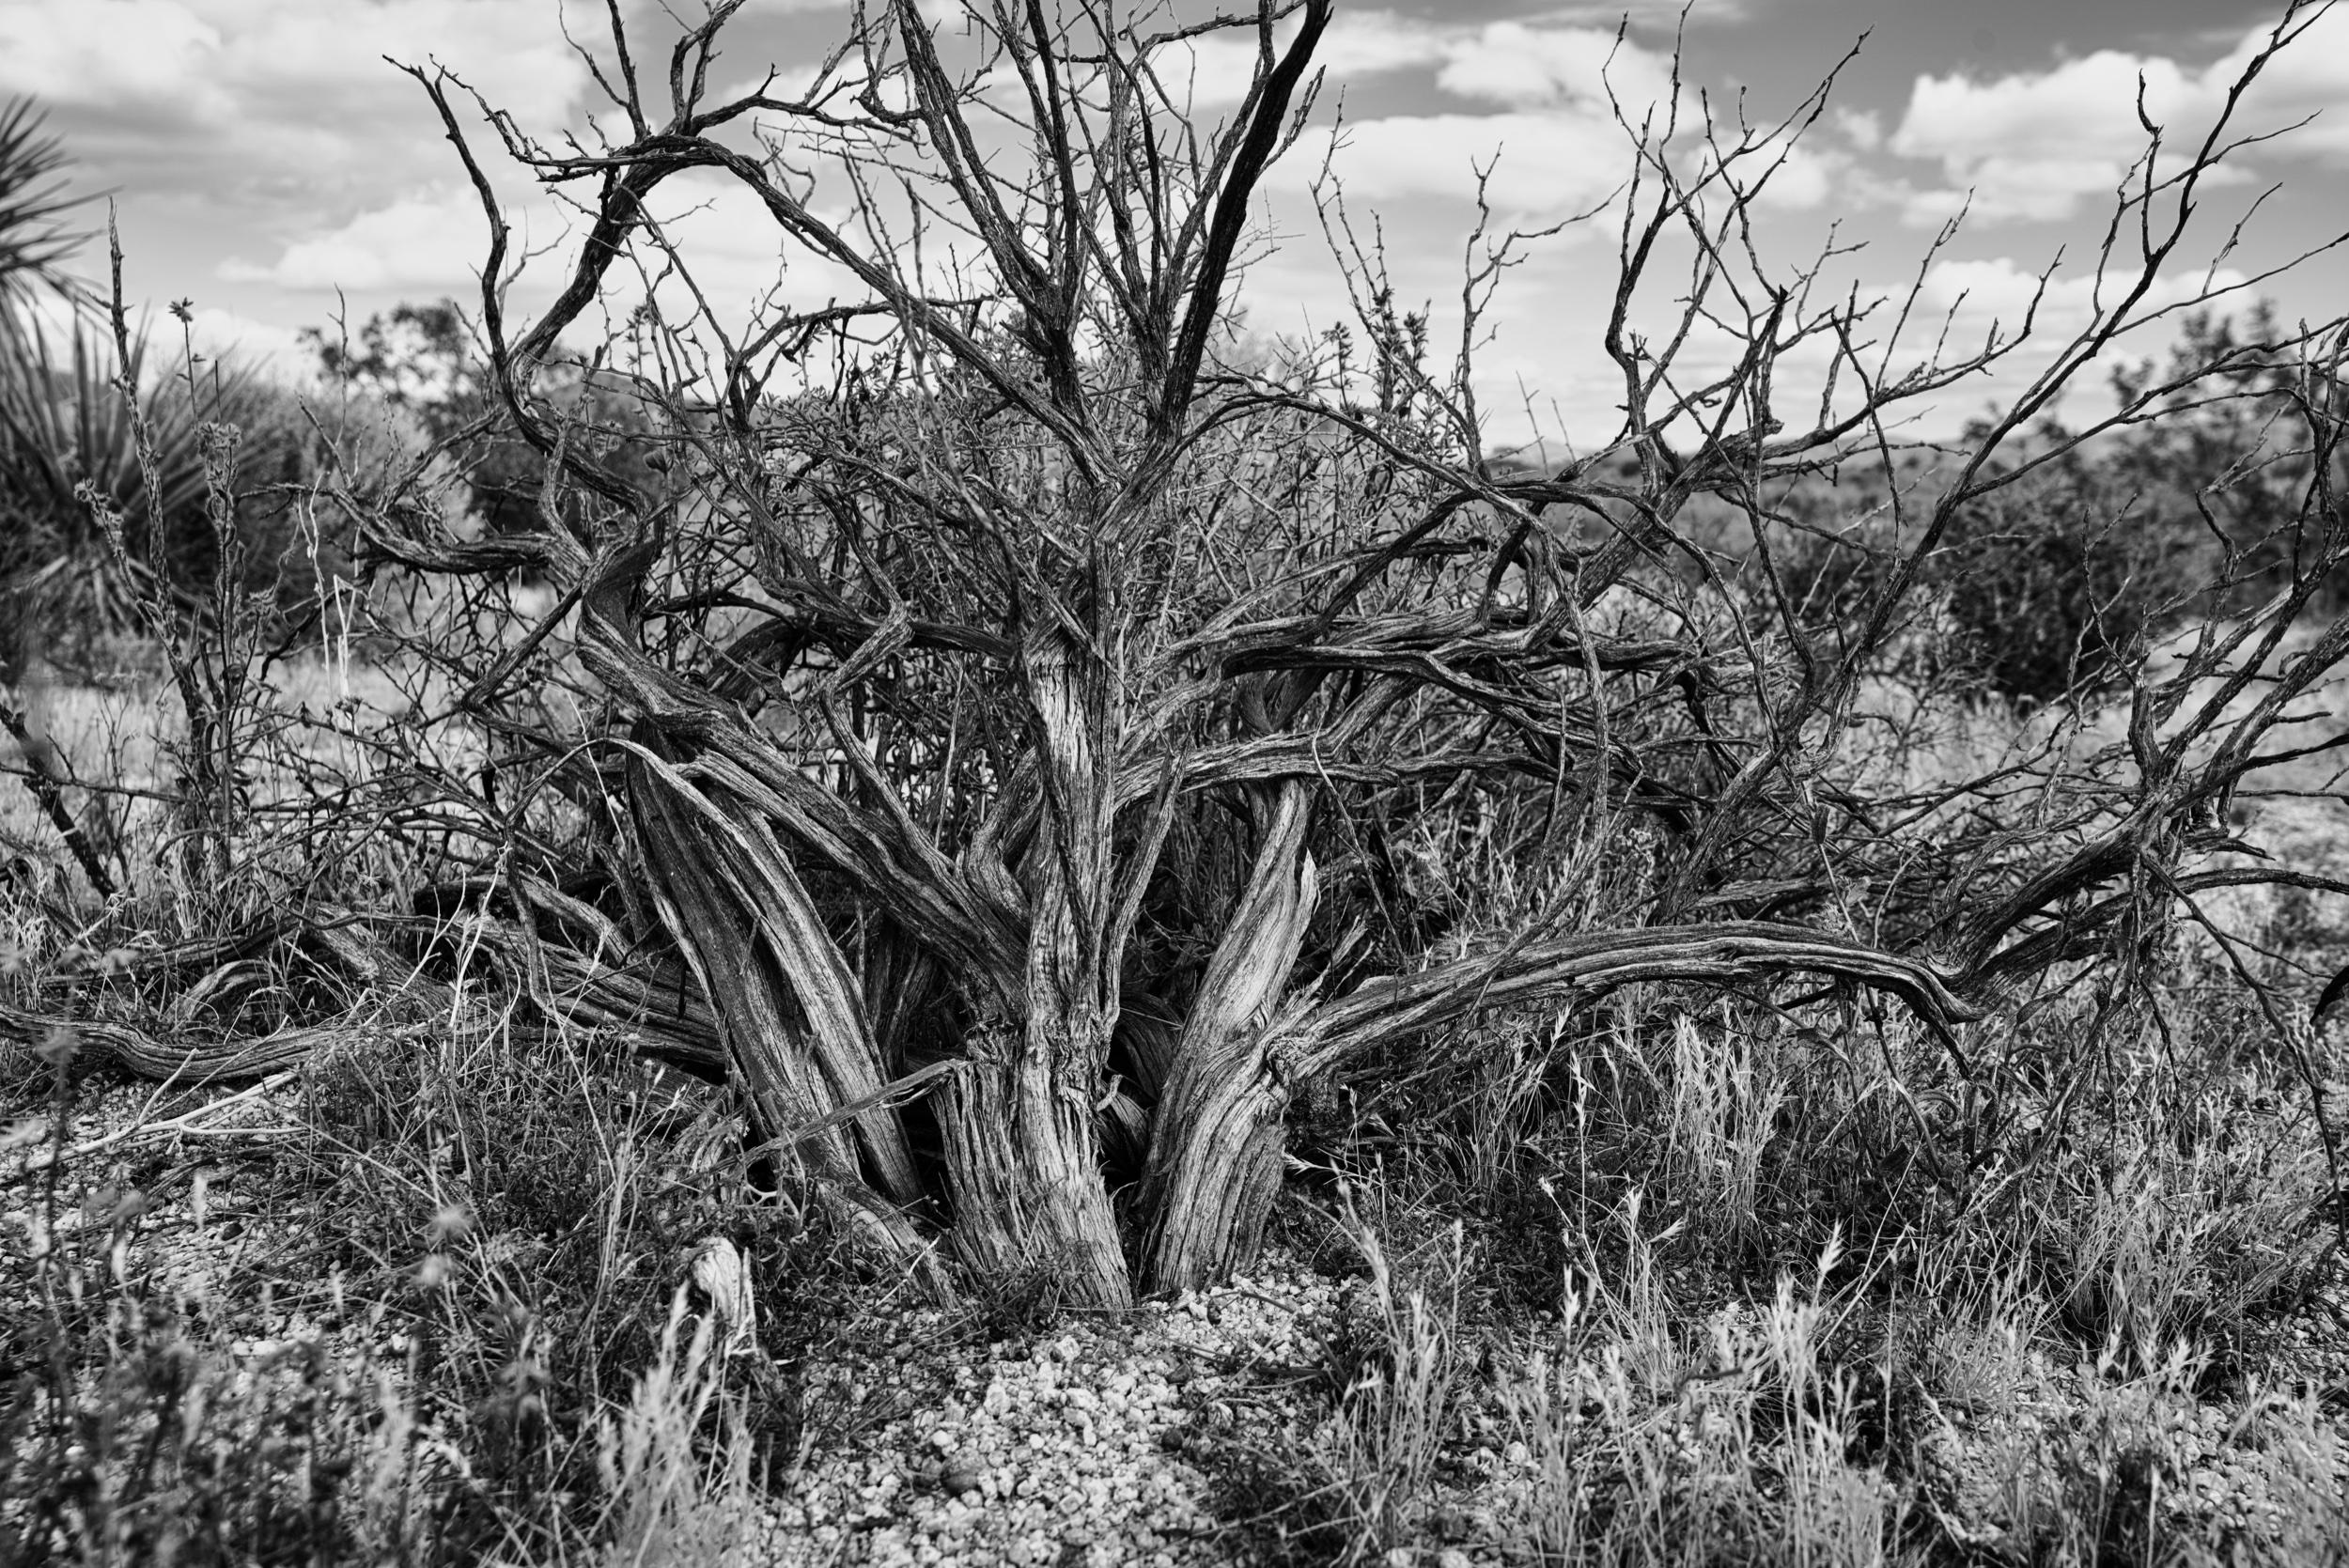 Joshua-tree-5-23-19-12376.jpeg